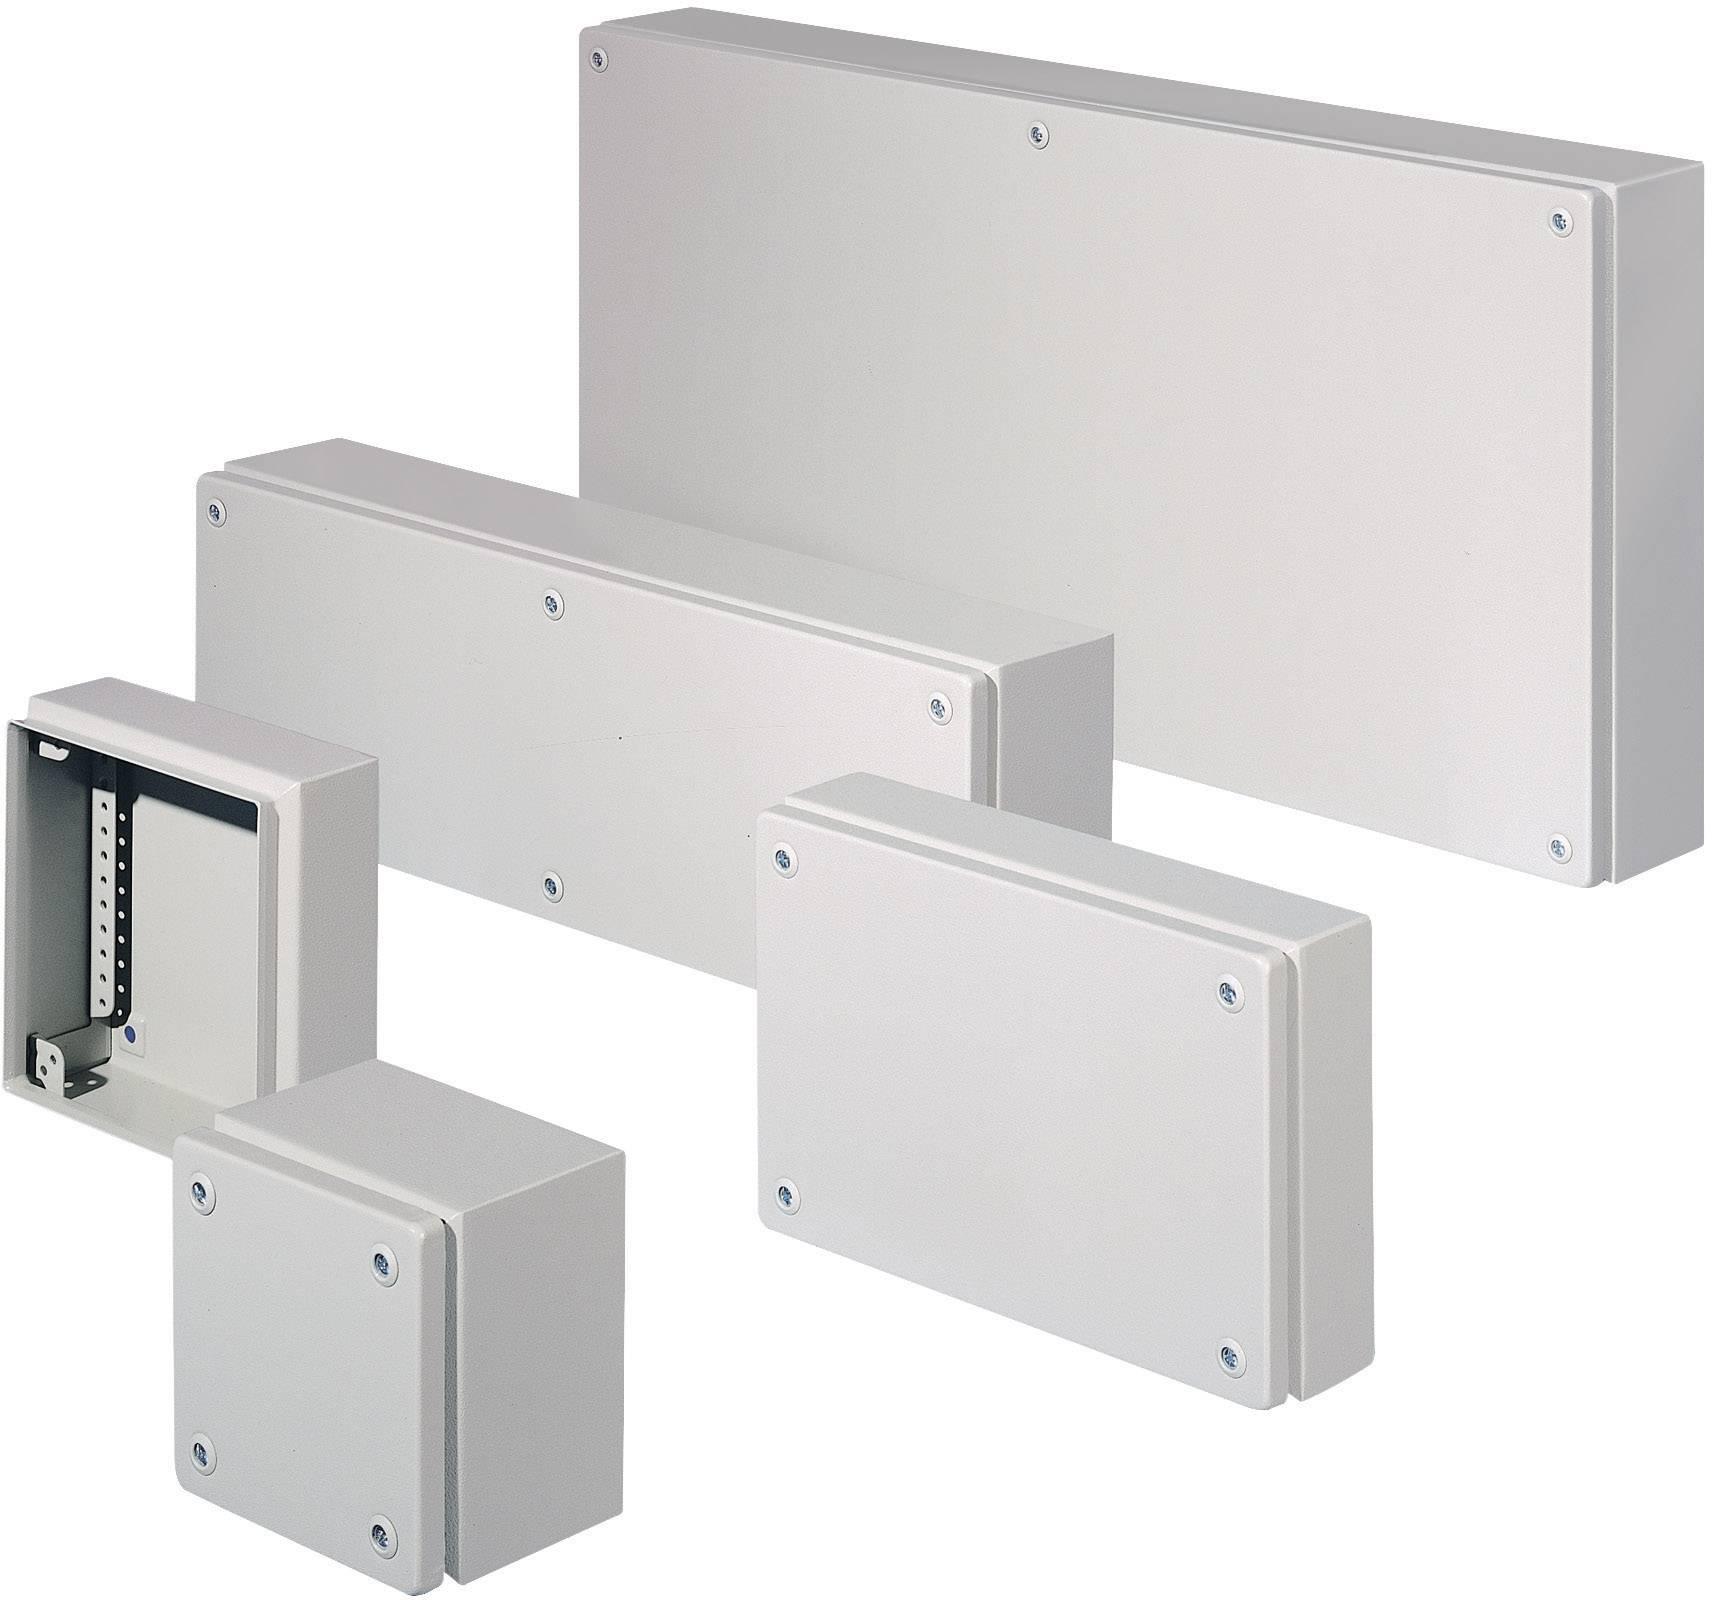 Inštalačná krabička Rittal KL 1502.510, (š x v x h) 200 x 200 x 120 mm, oceľový plech, šedá, 1 ks